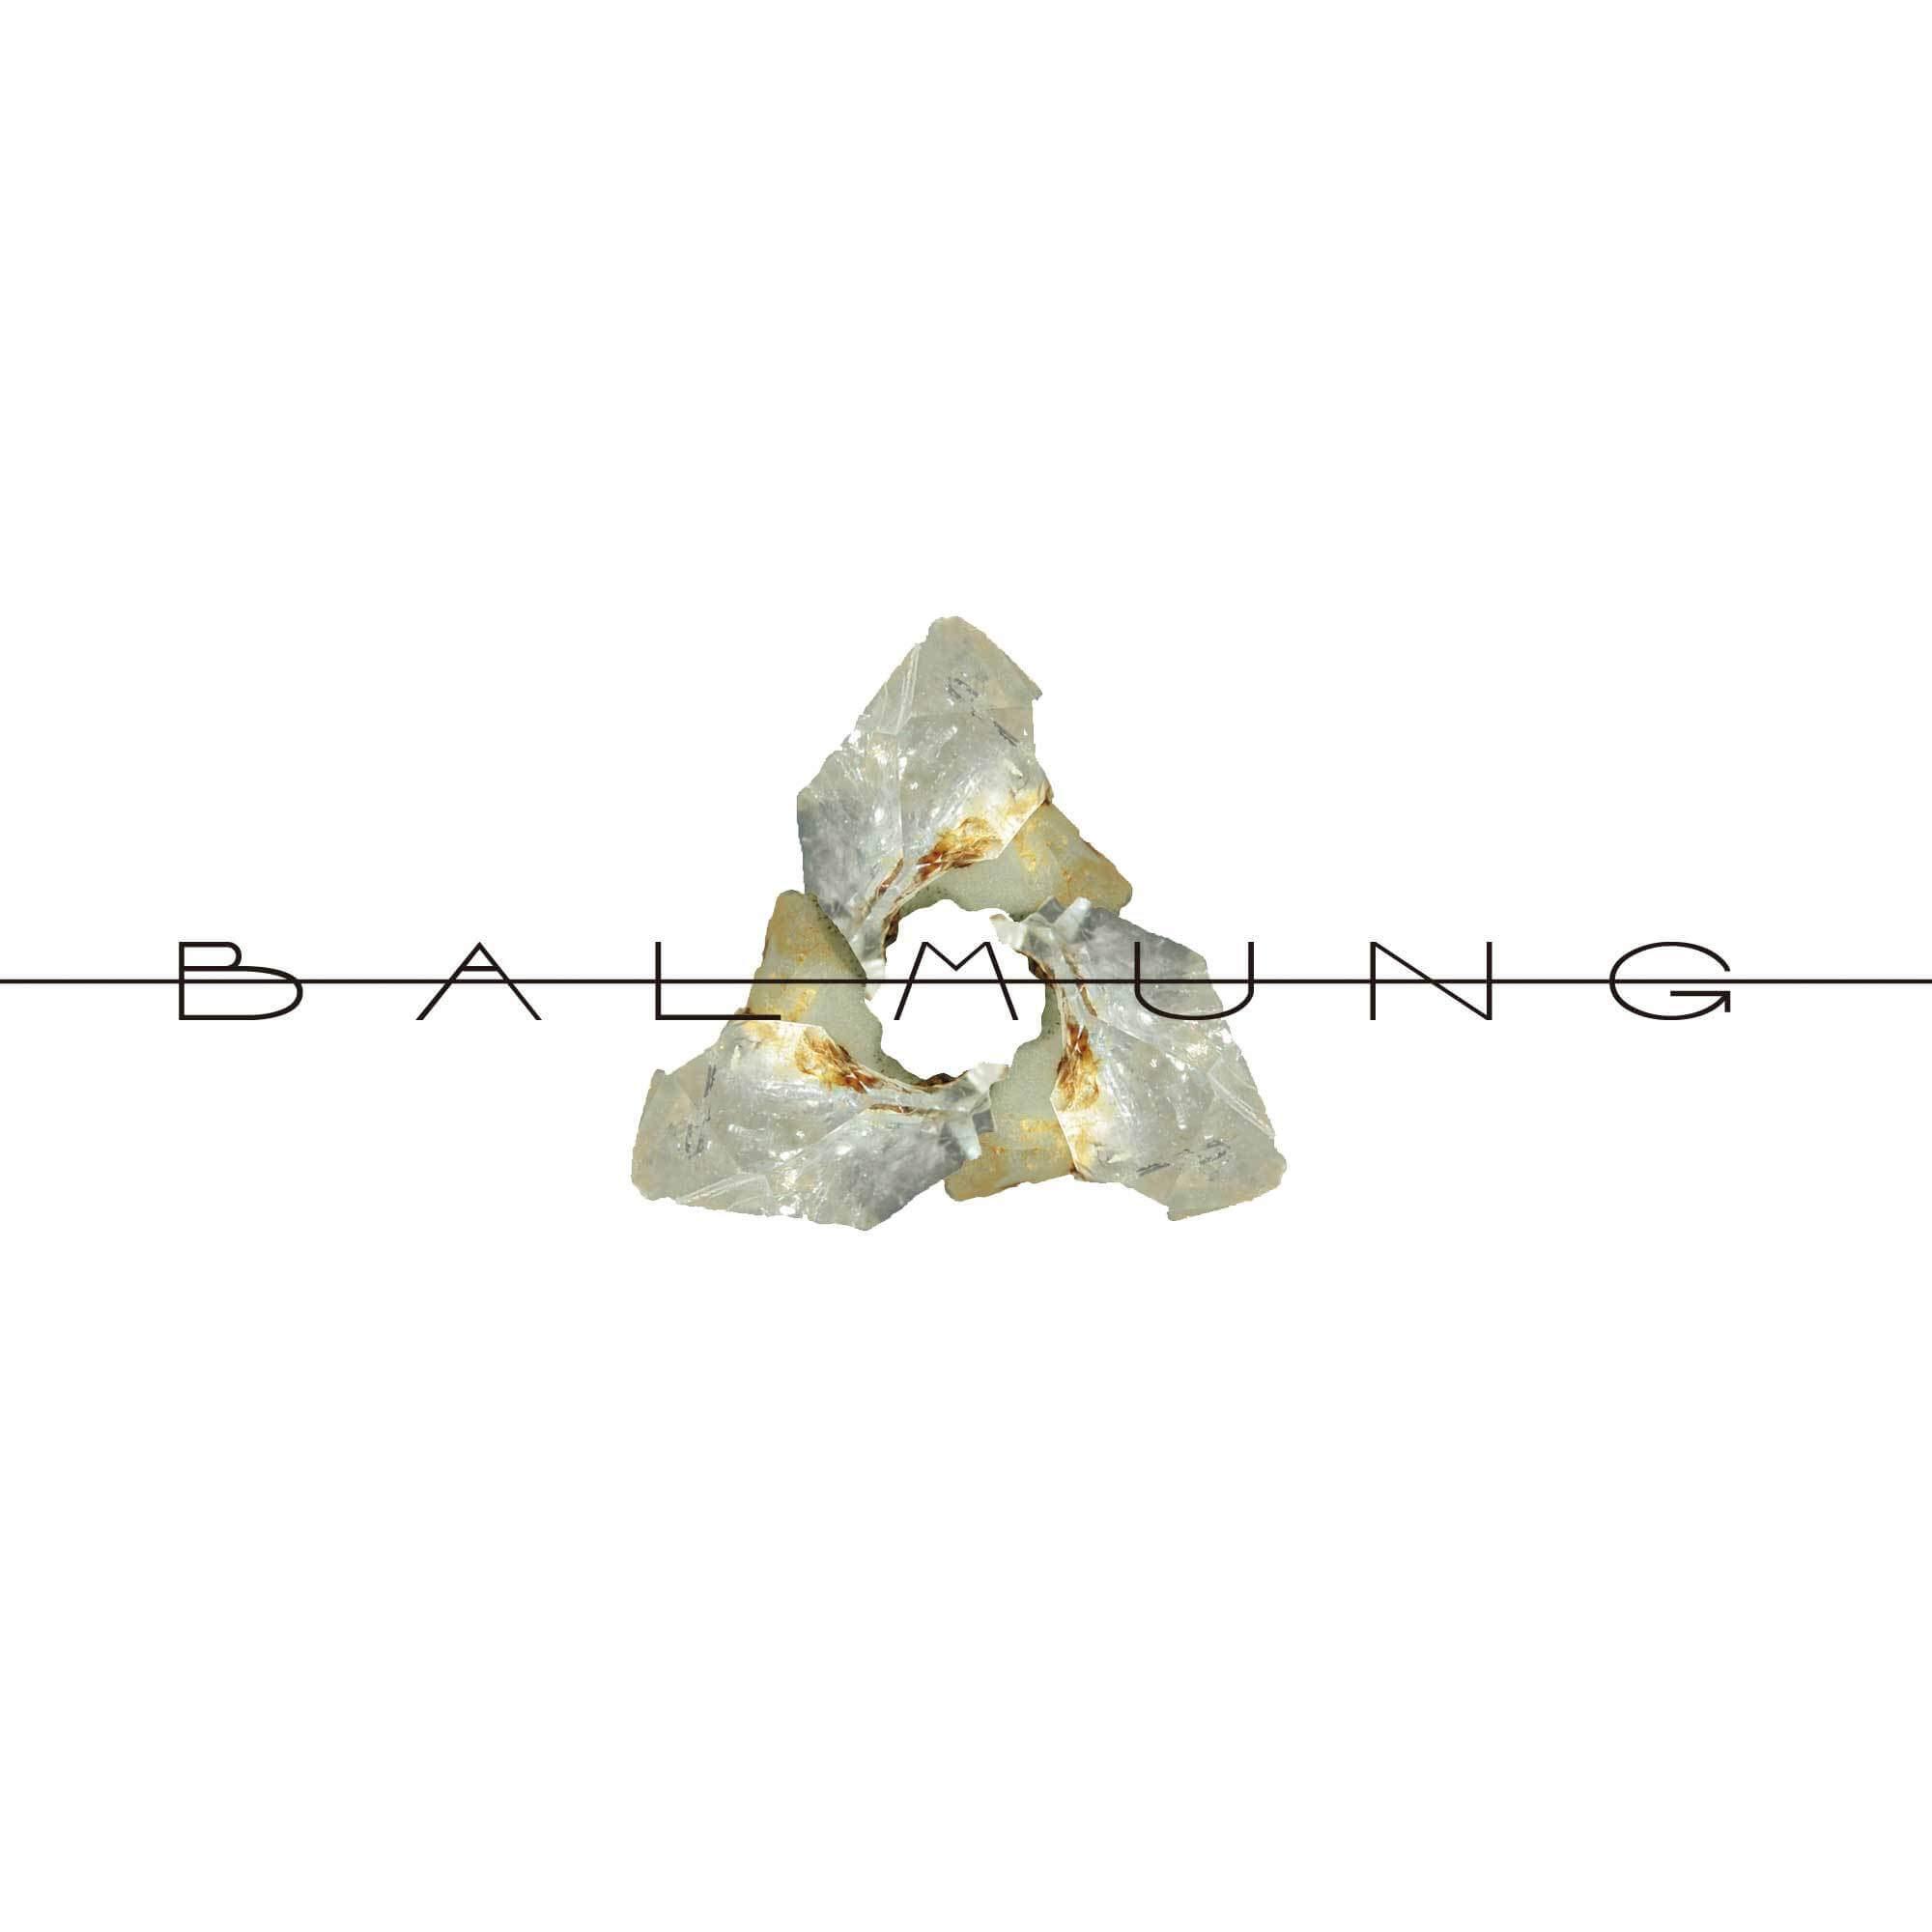 BALMUNGのロゴ写真